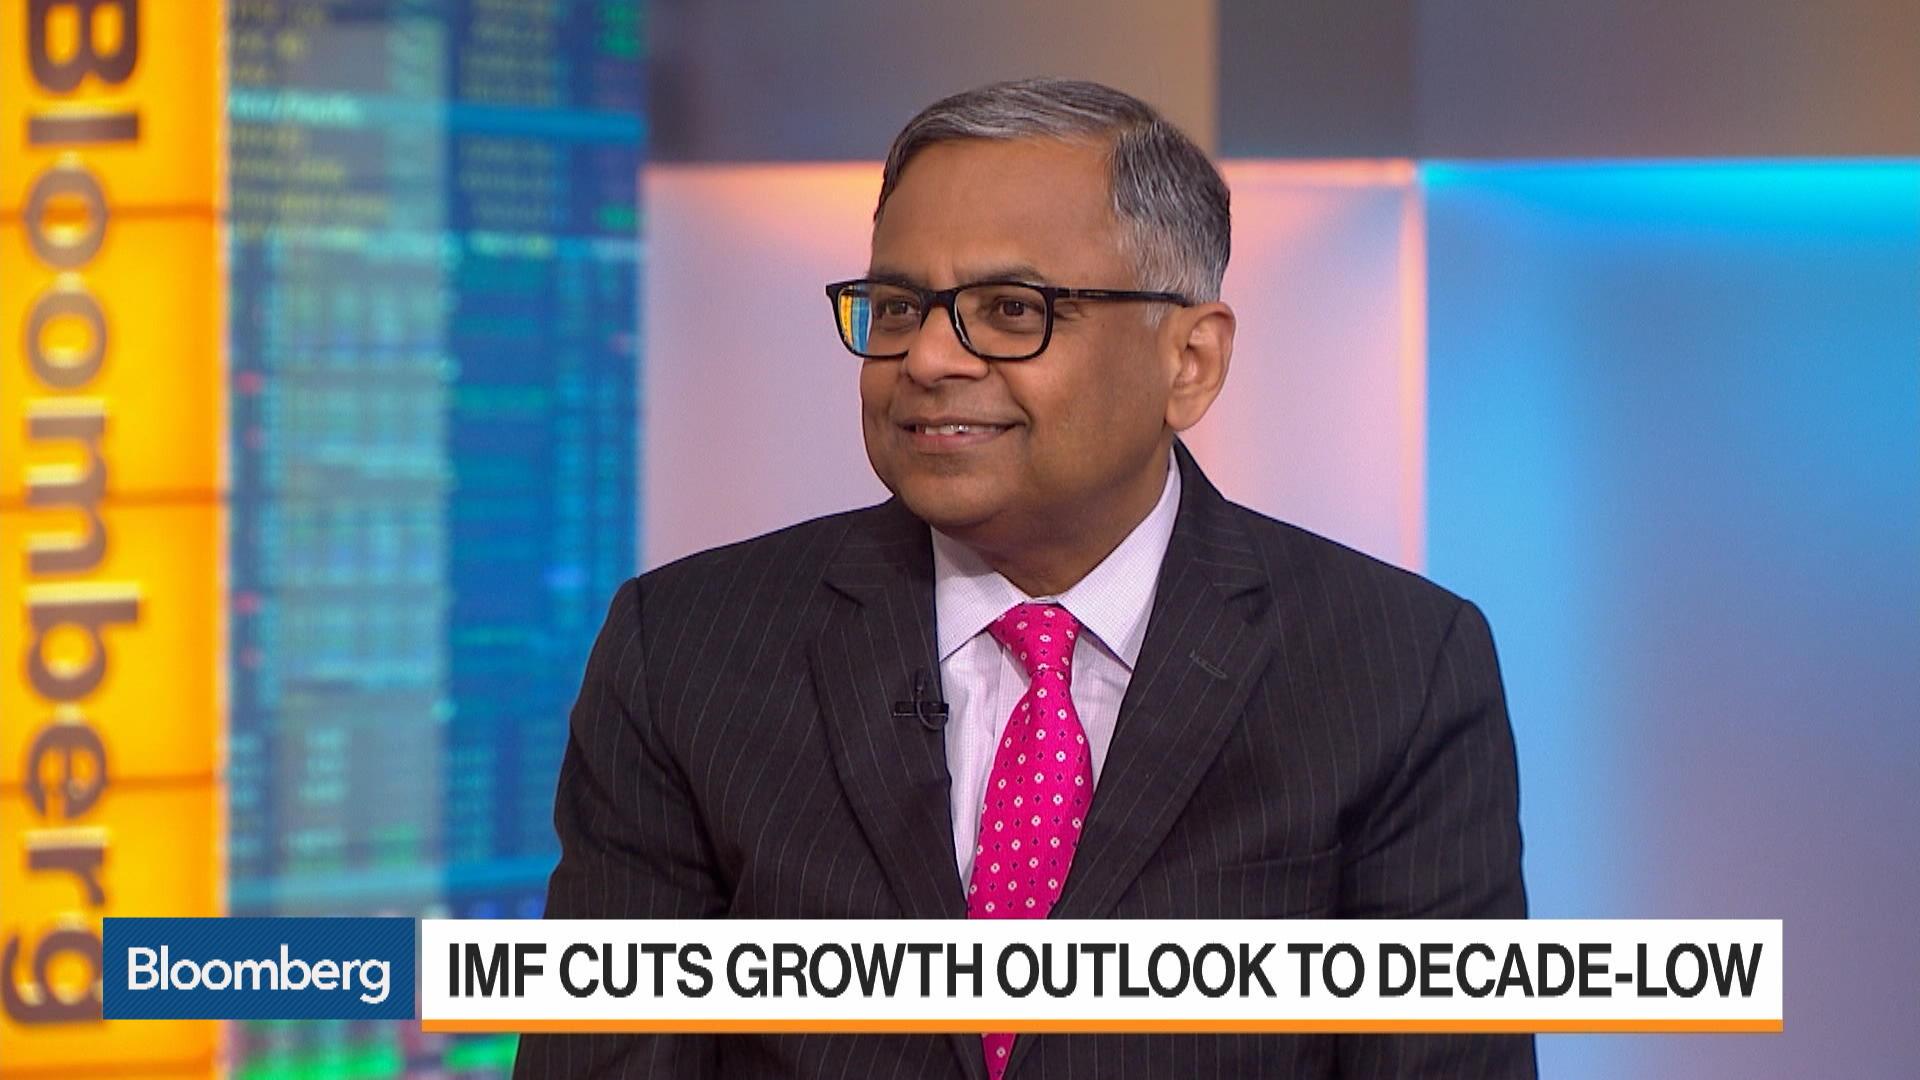 Trade Tensions Are the New Normal: Tata's Natarajan Chandrasekaran